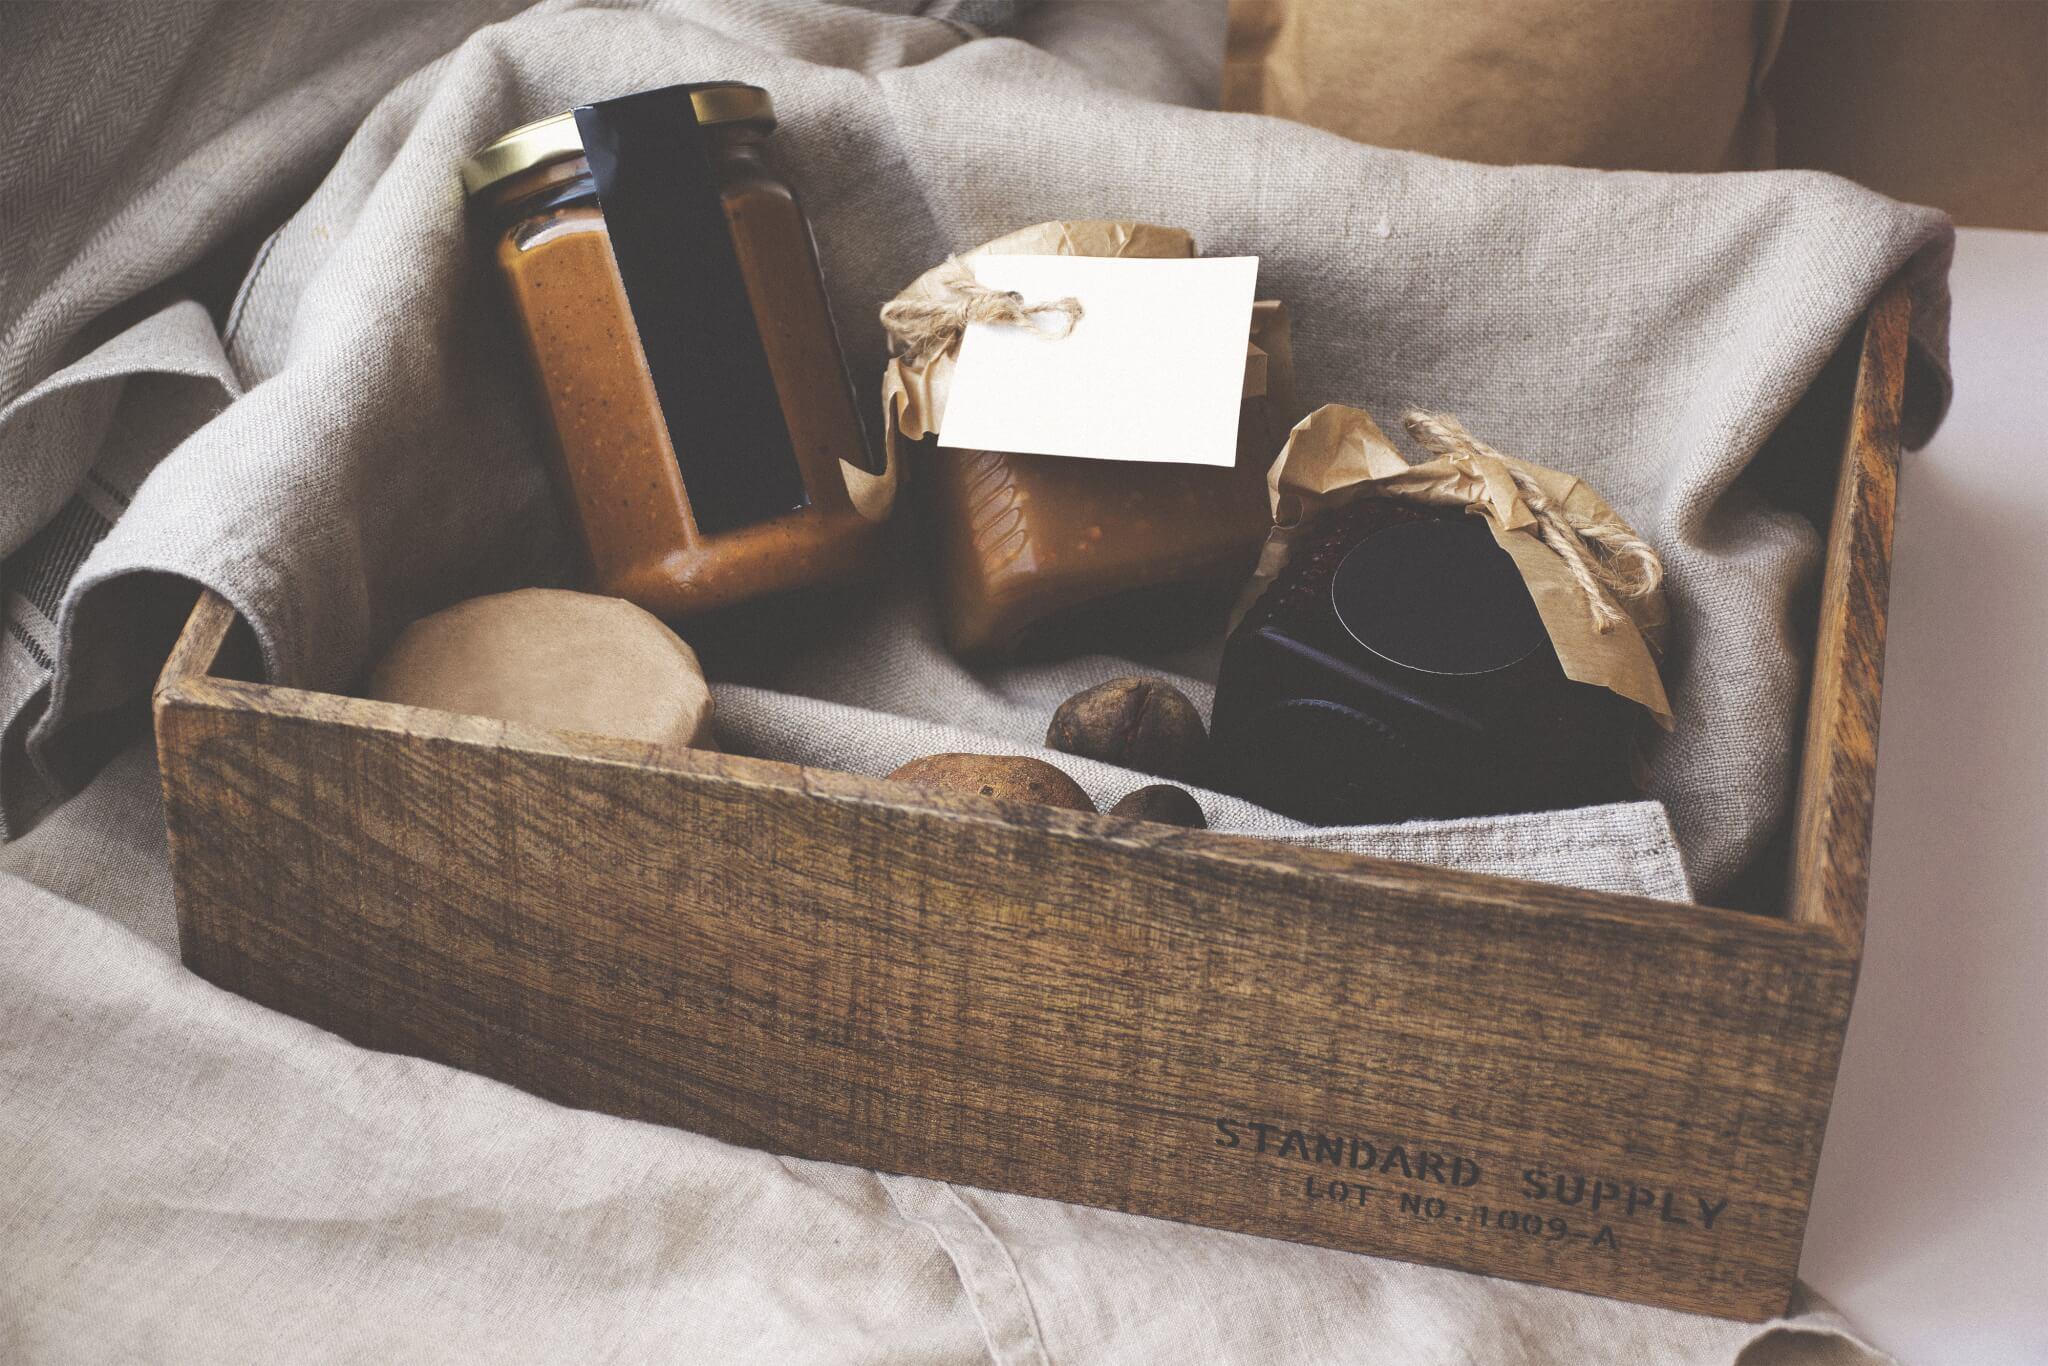 Produits divers étalés dans une boîte